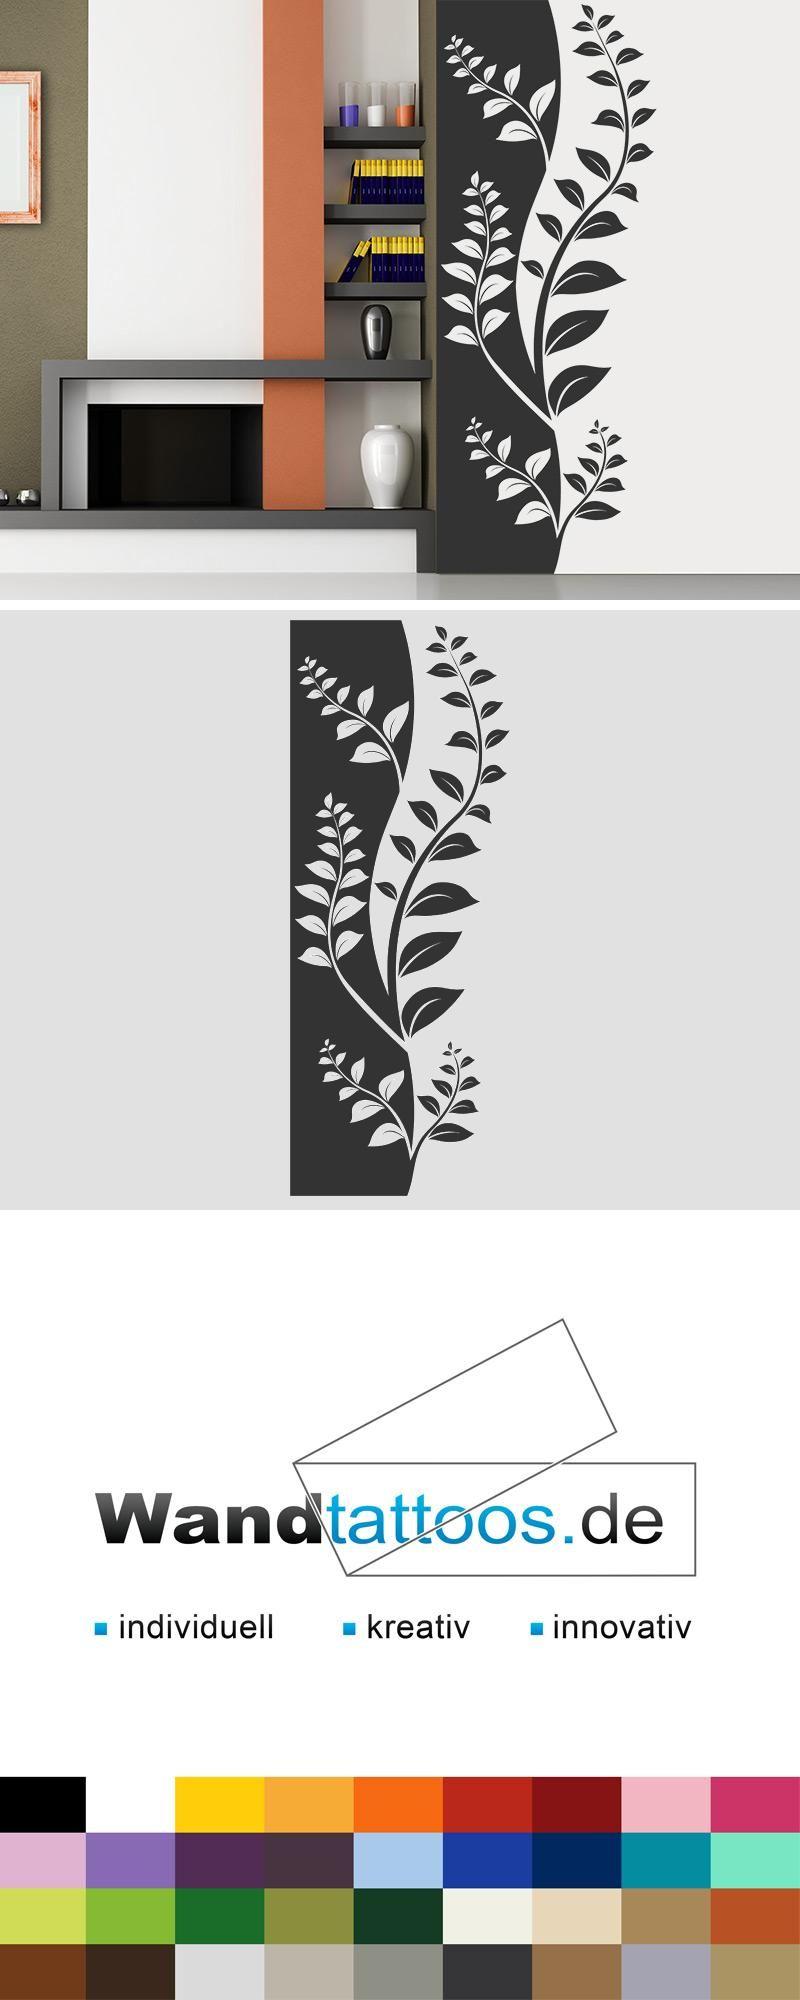 Wandbanner Dekorative Ranke als Idee zur individuellen Wandgestaltung. Einfach Lieblingsfarbe und Größe auswählen. Weitere kreative Anregungen von Wandtattoos.de hier entdecken!